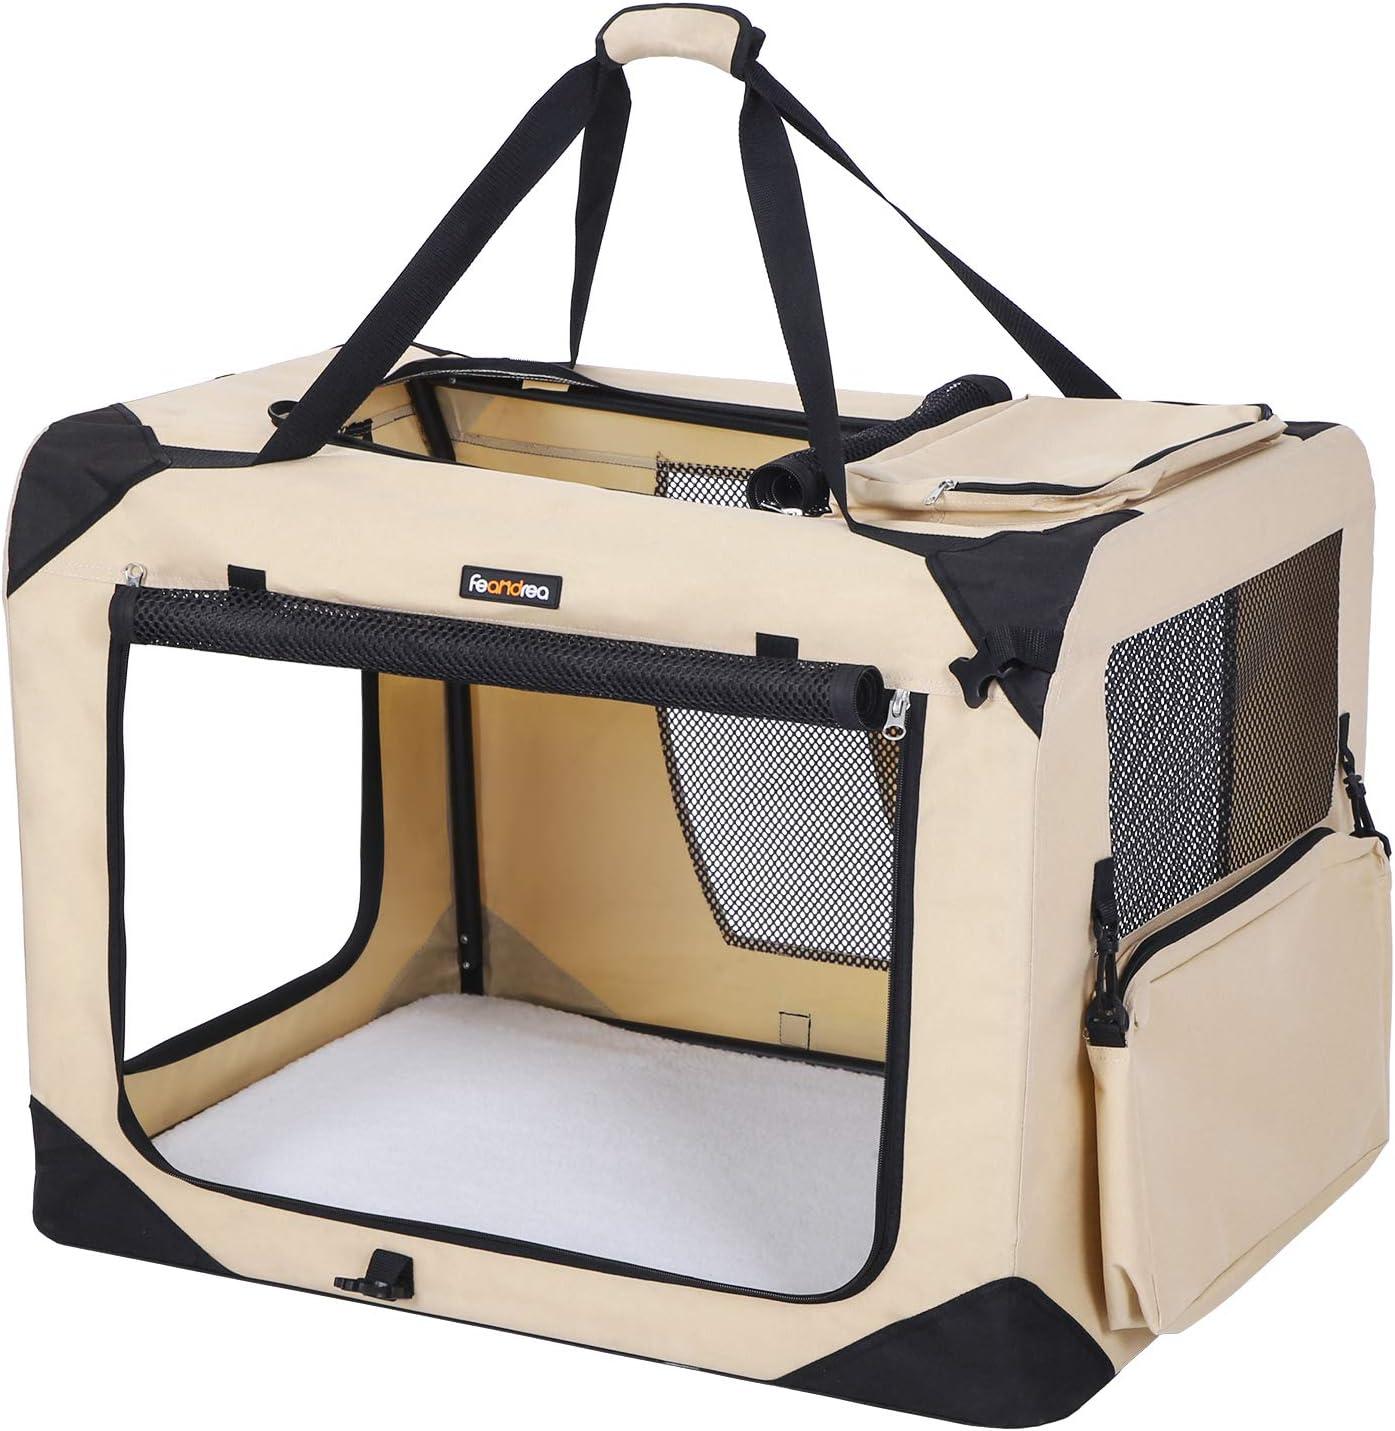 FEANDREA Bolsa de Transporte para Mascotas Transportín Plegable para Perro Portador Tela Oxford Beige M 60 x 40 x 40 cm PDC60W